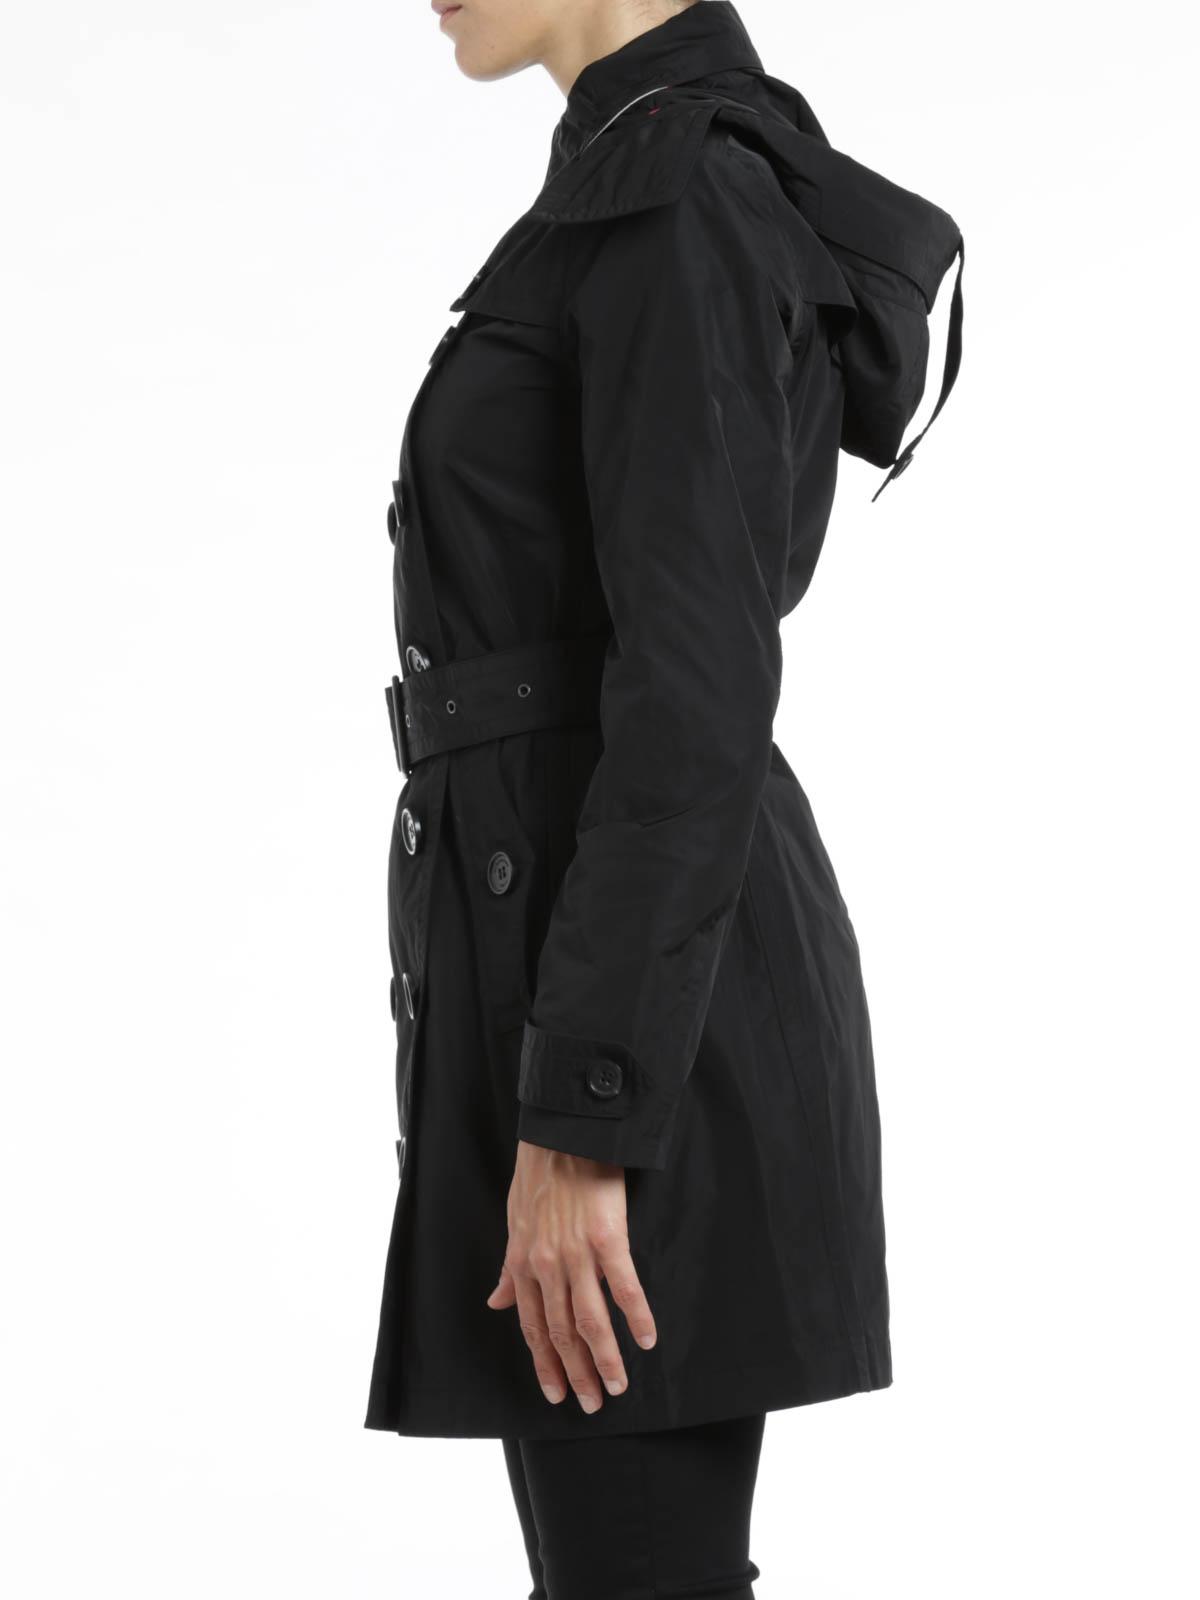 Brit Burberry Femme Trench 3976241 Pour Trenchs Coat Noir drCrPcwq